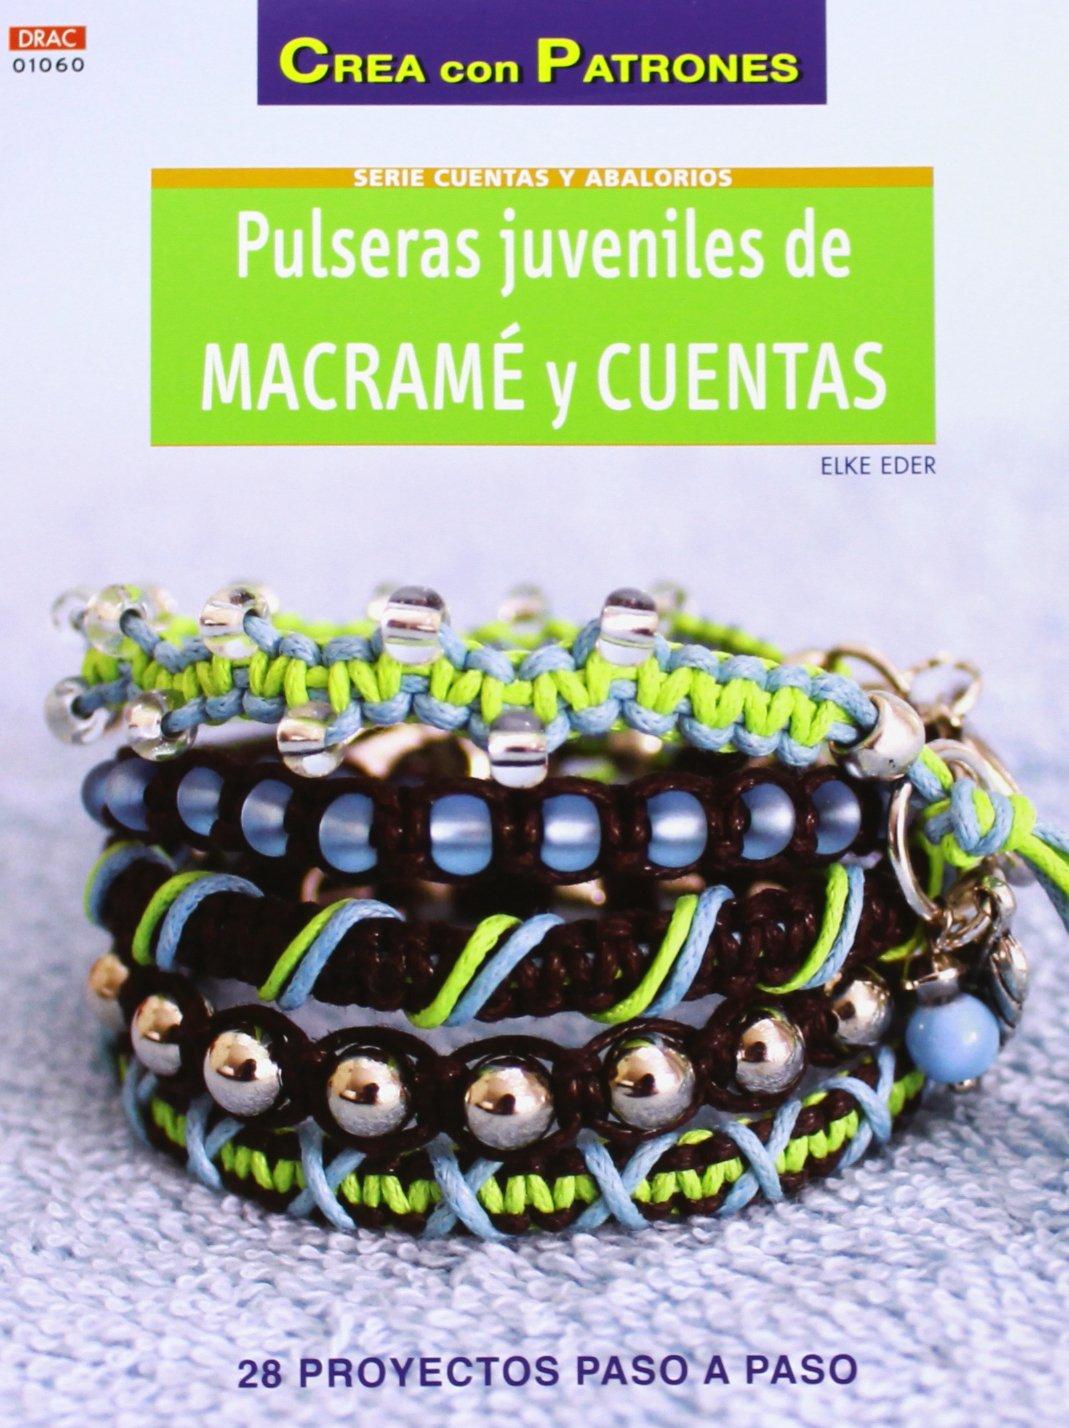 887d9f36c226 Abalorios nº 60 Pulseras juveniles de Macramé y cuentas Crea Con Patrones   Amazon.es  Elke Eder  Libros